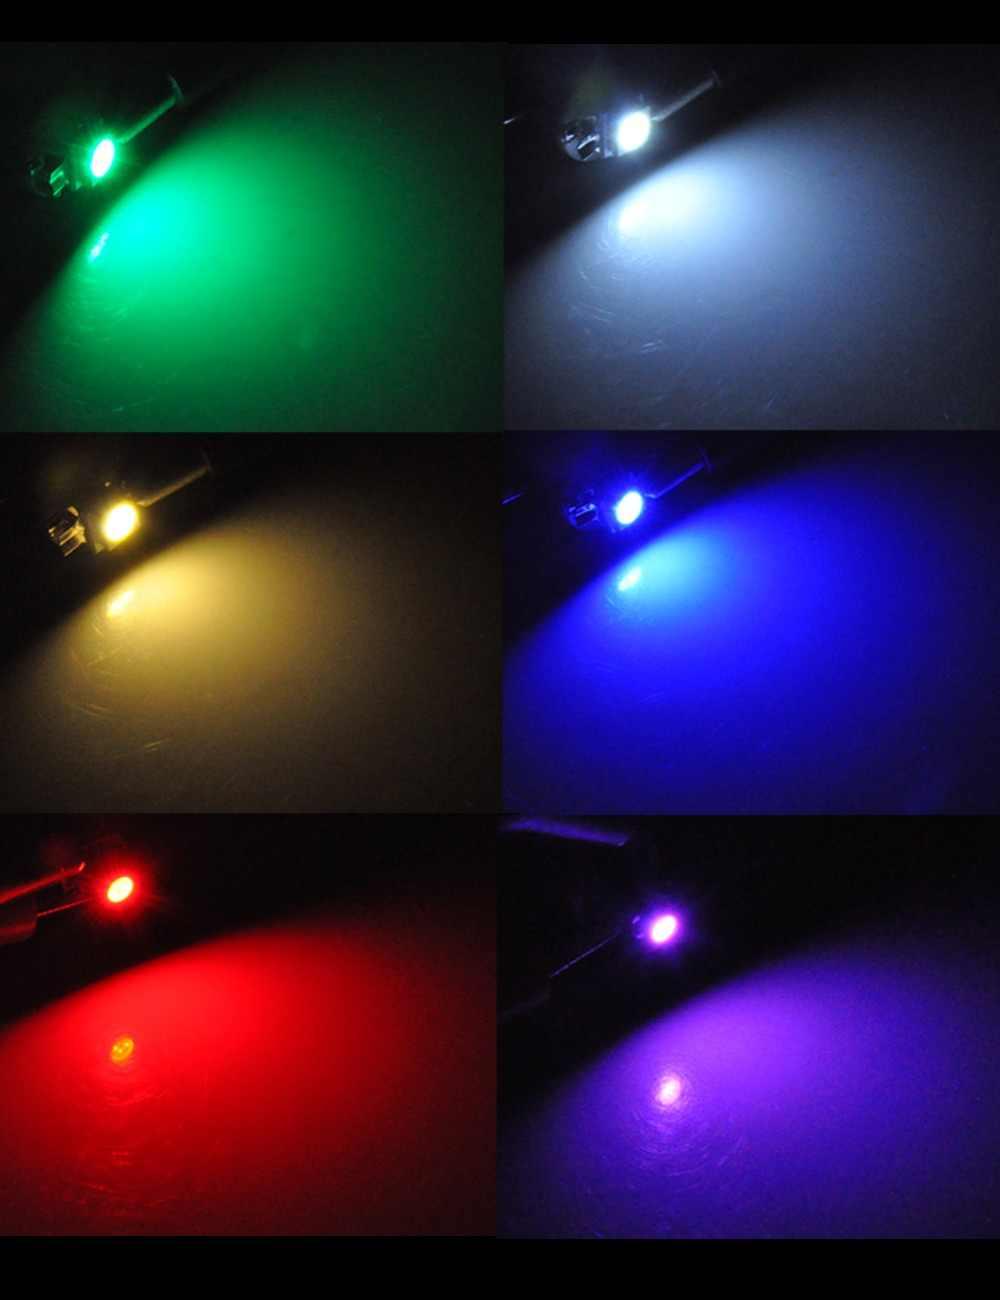 AutoEC 10X автомобиль инструмент свет T3 T4.2 1210 3528 T4.7 5050 1 SMD светодио дный DC12V приборной панели авто лампы тире Кластерные лампы 6 Цвет # LA05